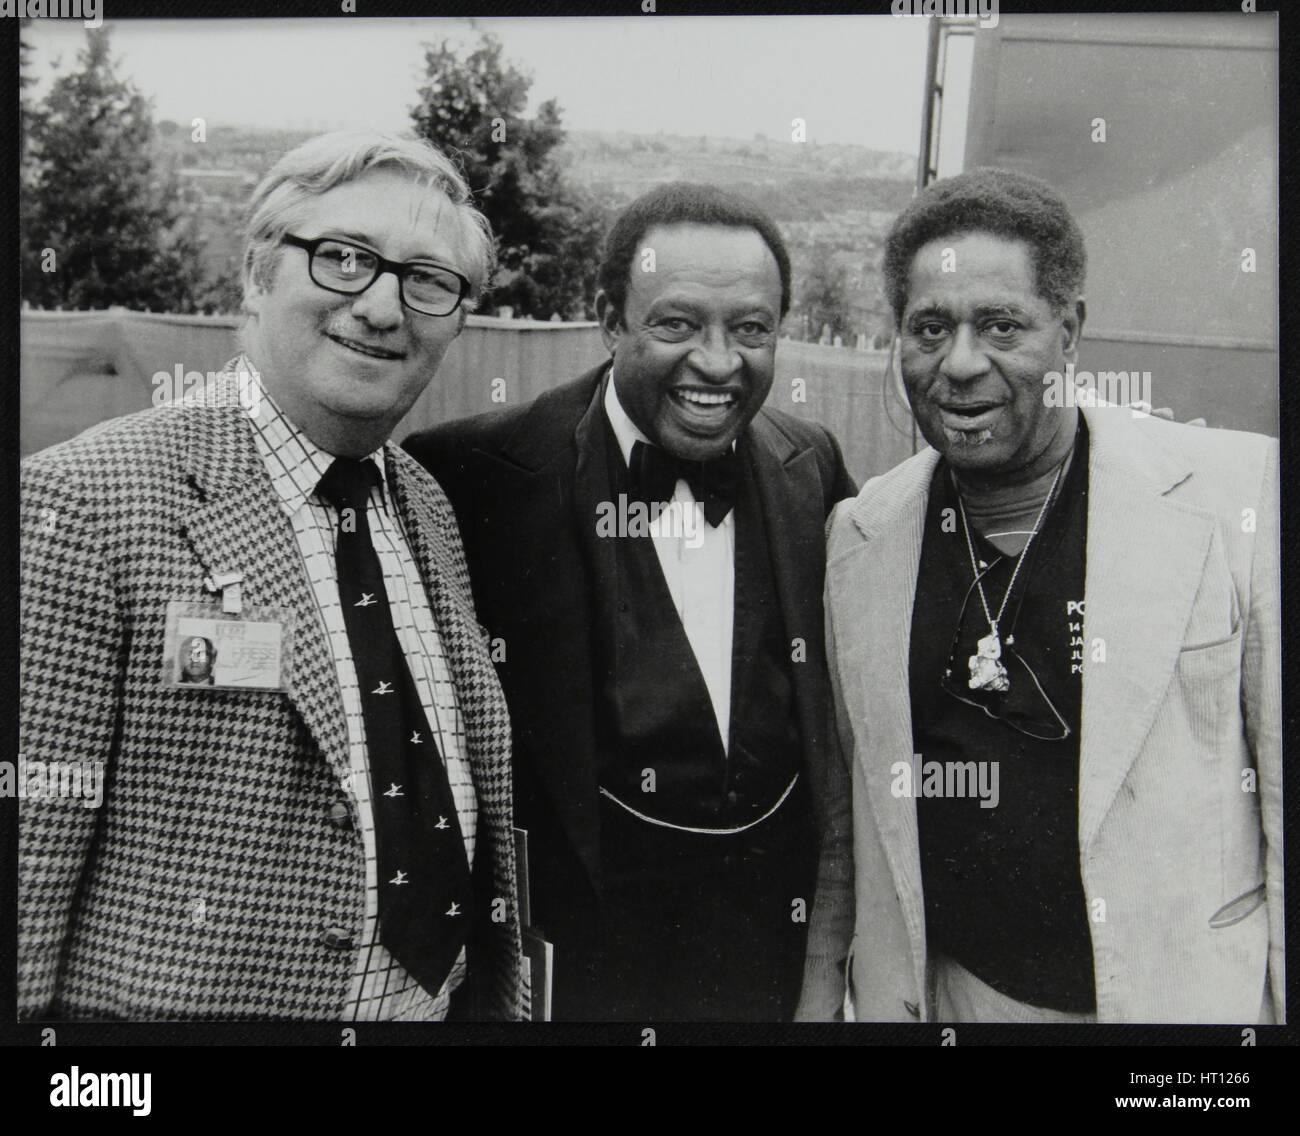 Dennis Matthews di Crescendo internazionale con Lionel Hampton e Dizzy Gillespie, Londra, 1979. Artista: Denis Williams Immagini Stock